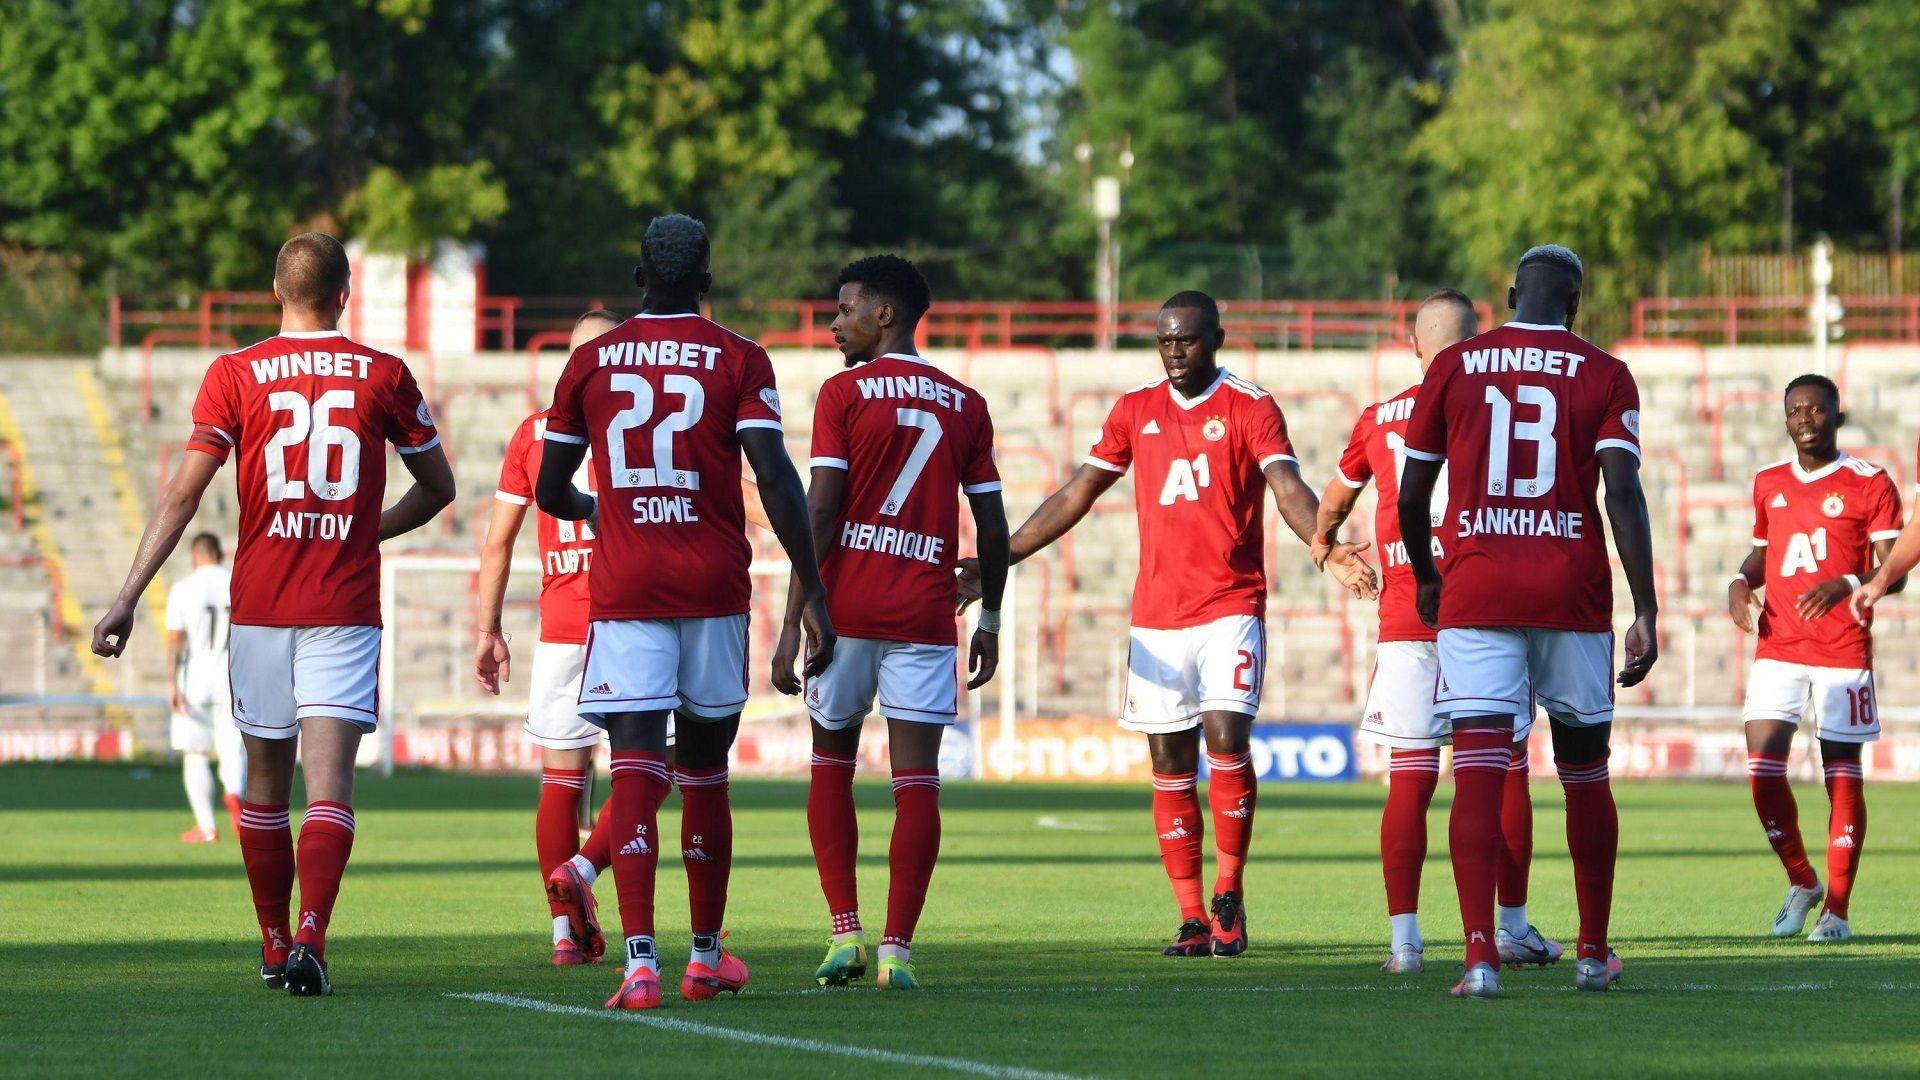 ЦСКА със загуба на представянето си, акционер в клуба коментира стадиона и Стоичков